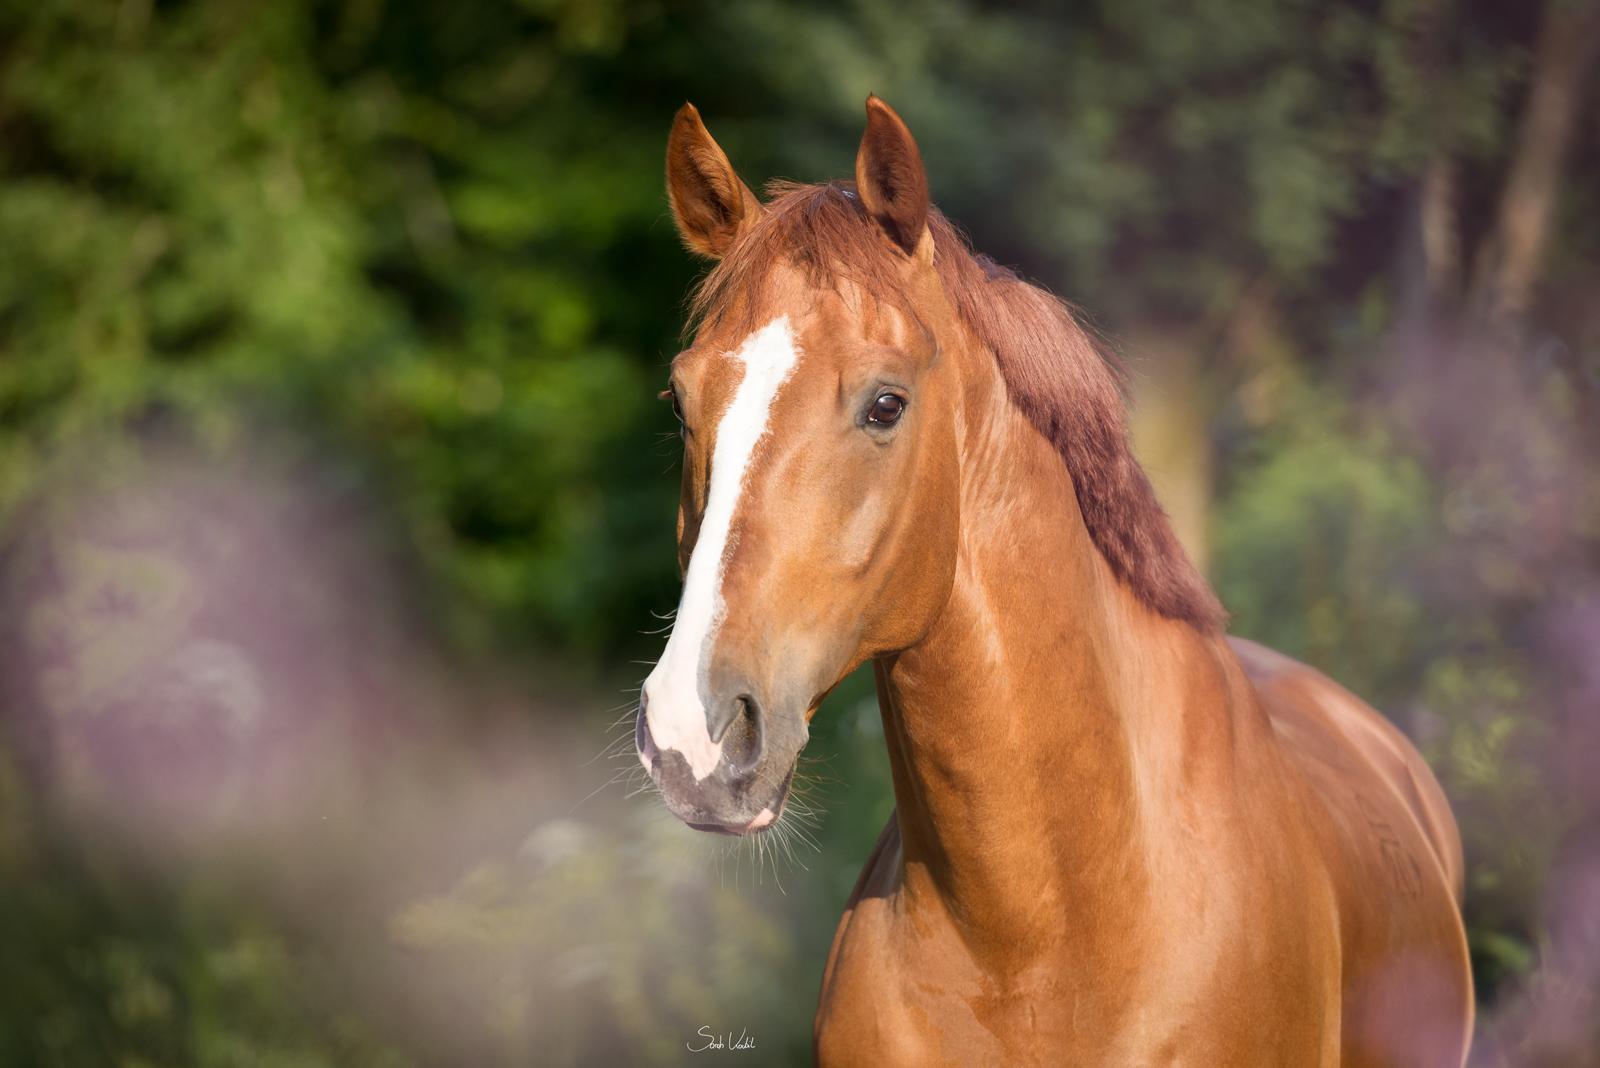 Sommerliches Pferdefotoshooting | Sarah Koutnik Fotografie | Pferdefotografie München Krailling Bayern | Fuchswallach Fippsy mit Blesse | Portrait